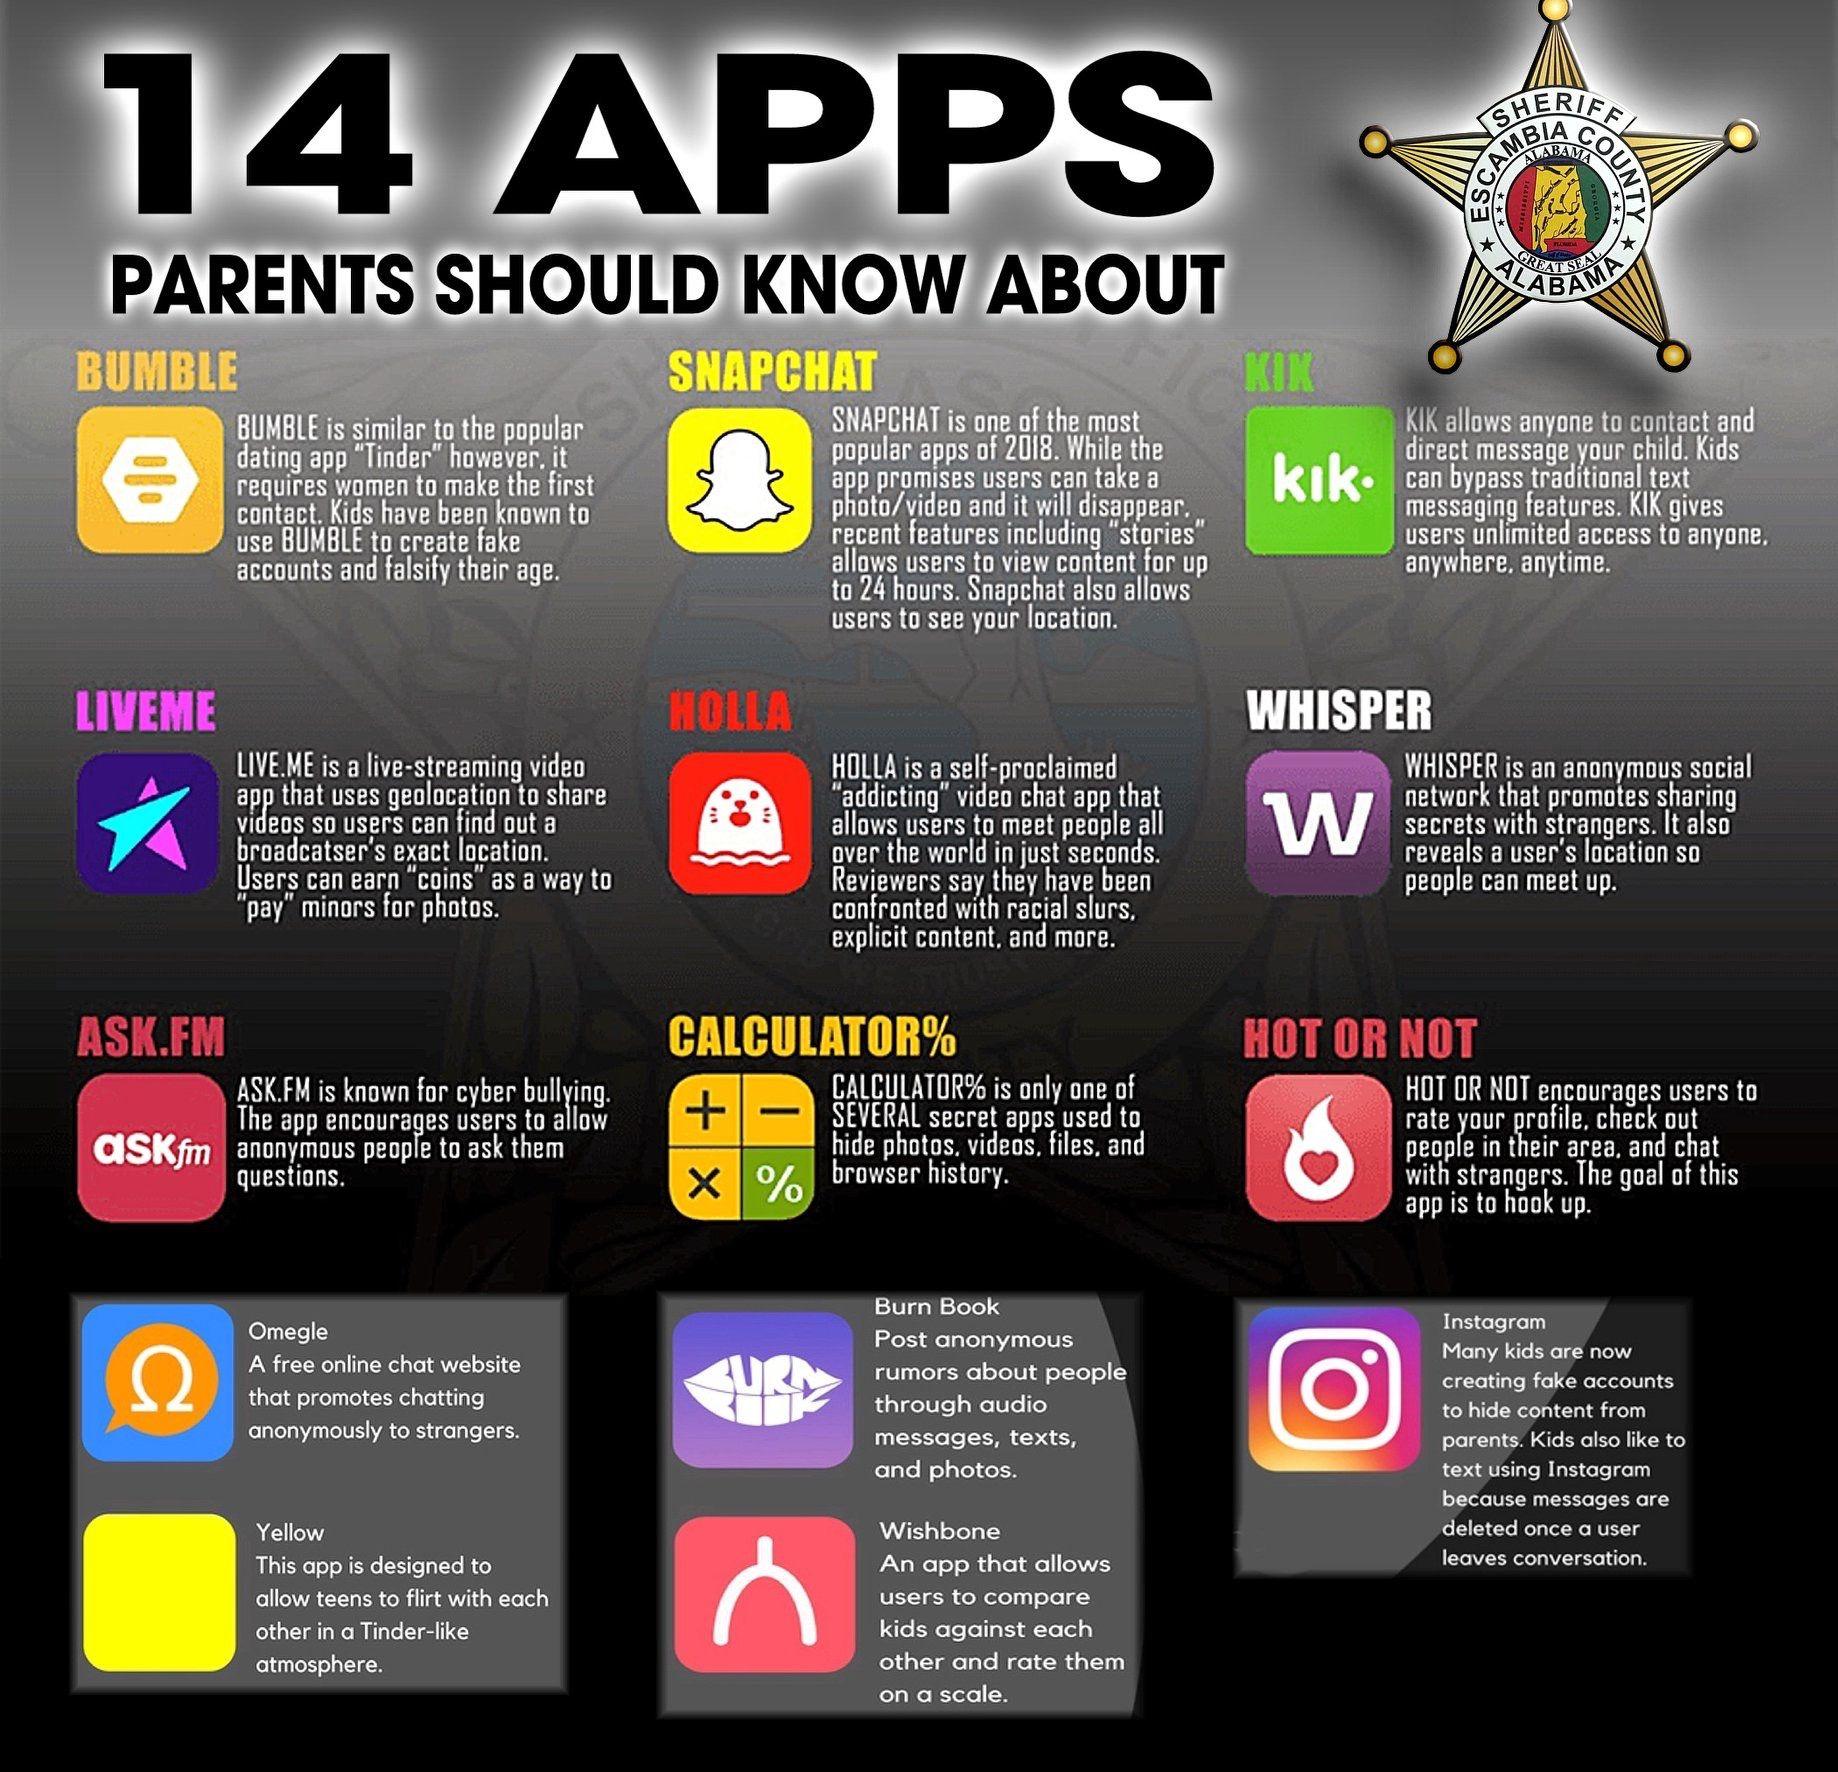 PARENTING /KIDDOS image by Stacie Badley Secret apps